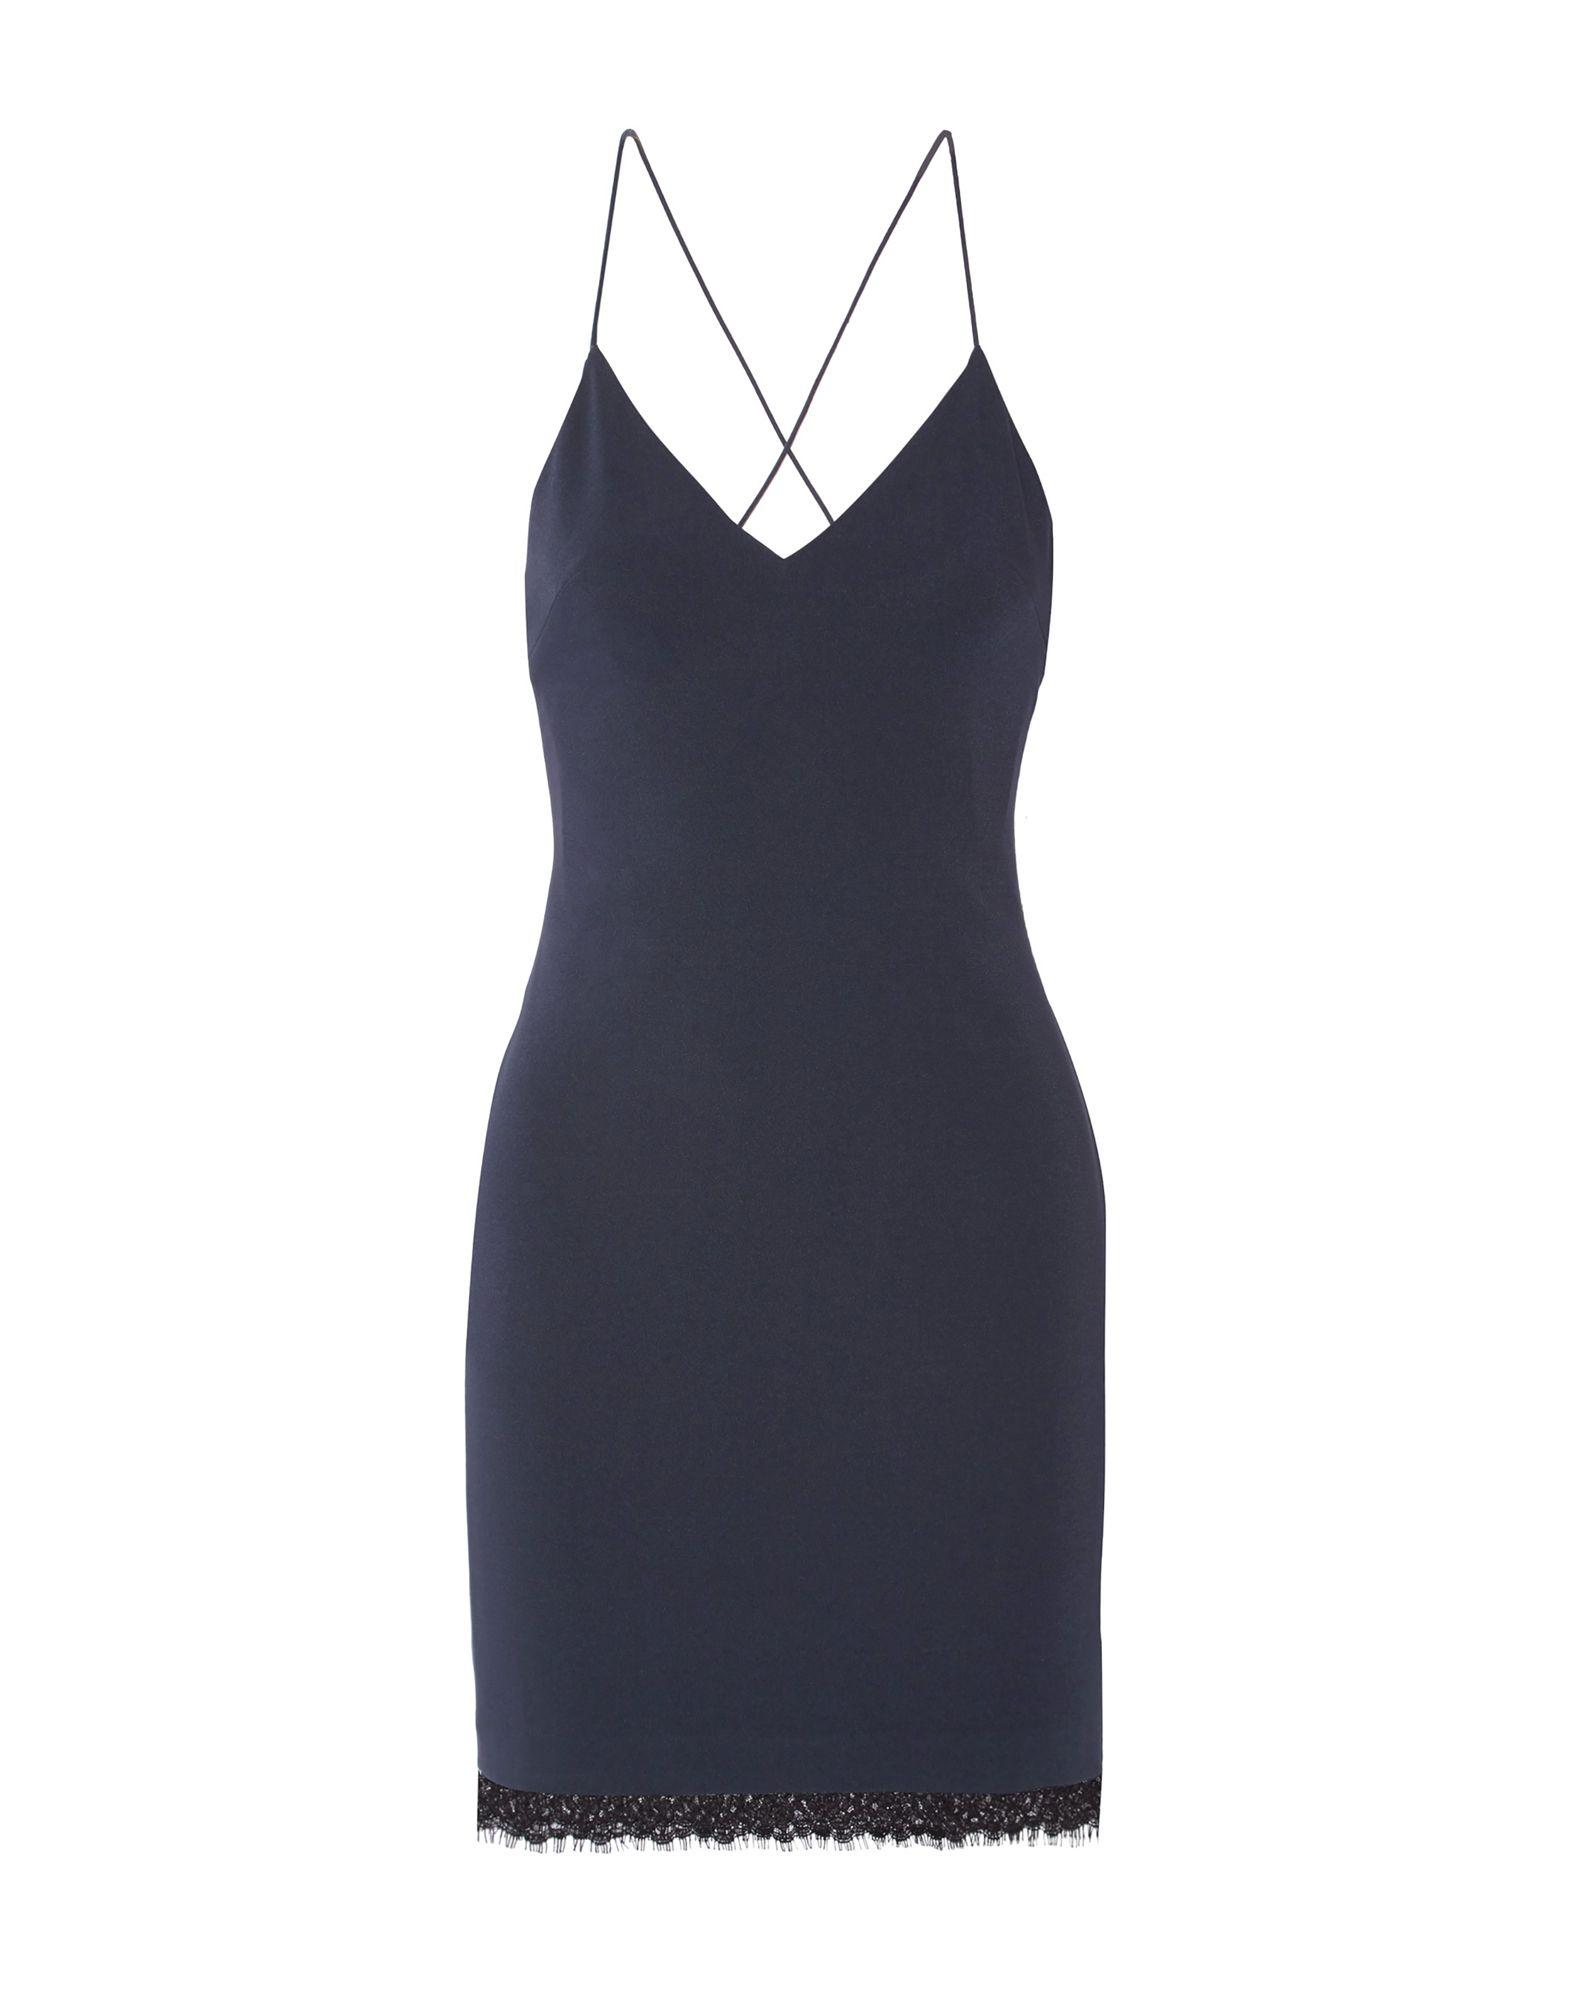 ALICE + OLIVIA Короткое платье платье без рукавов с кружевной вставкой на спинке